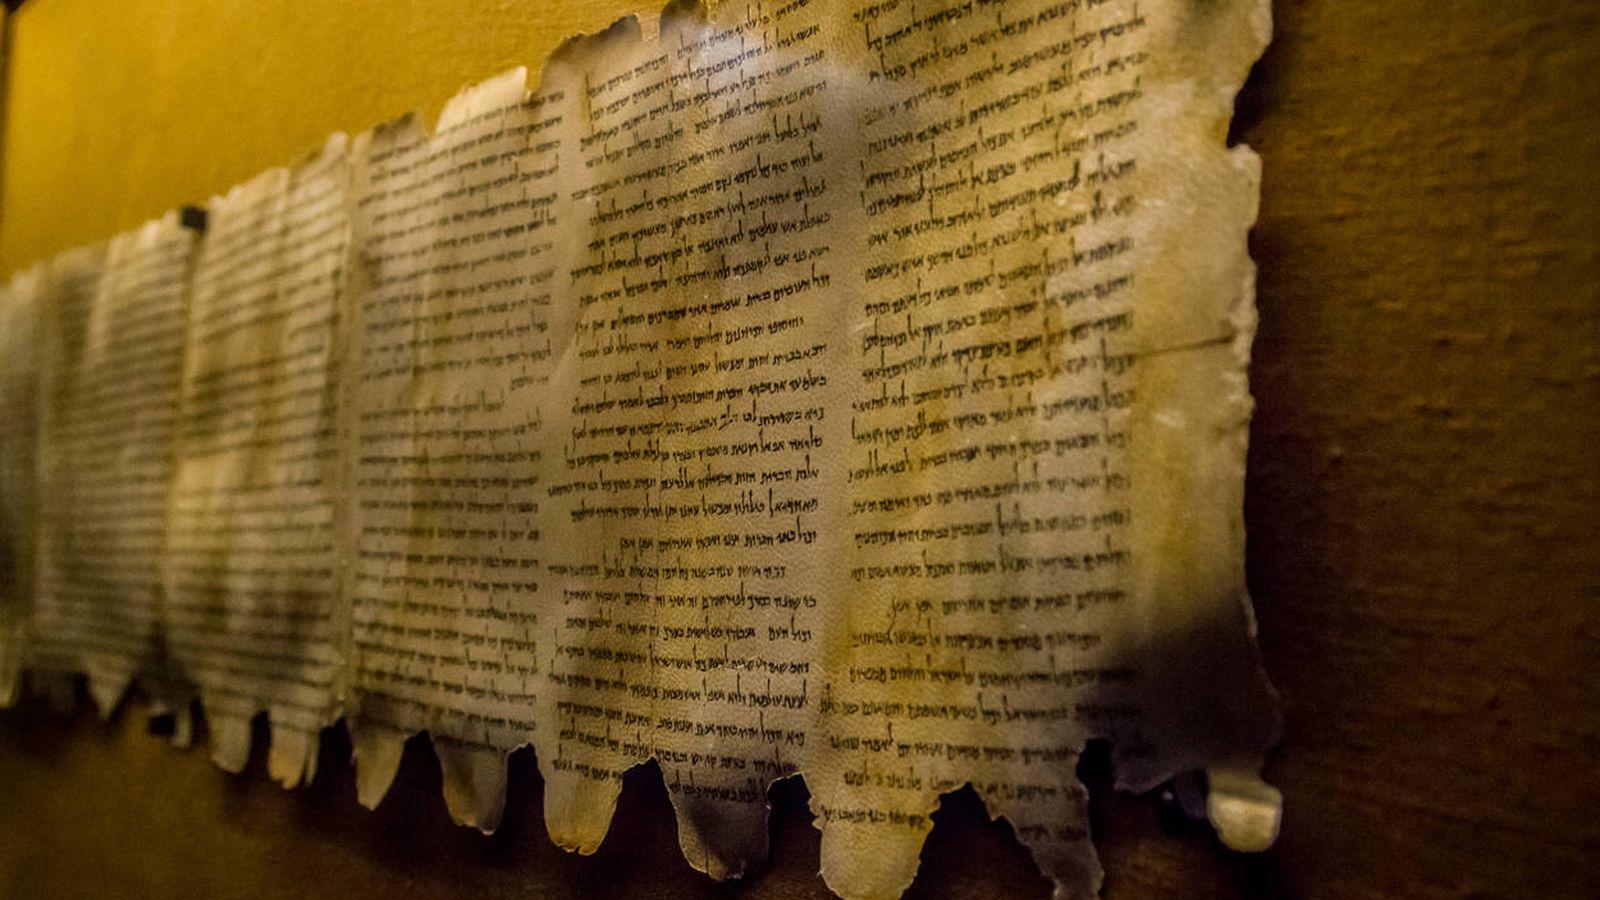 Foto: Los manuscritos, expuestos. (iStock)